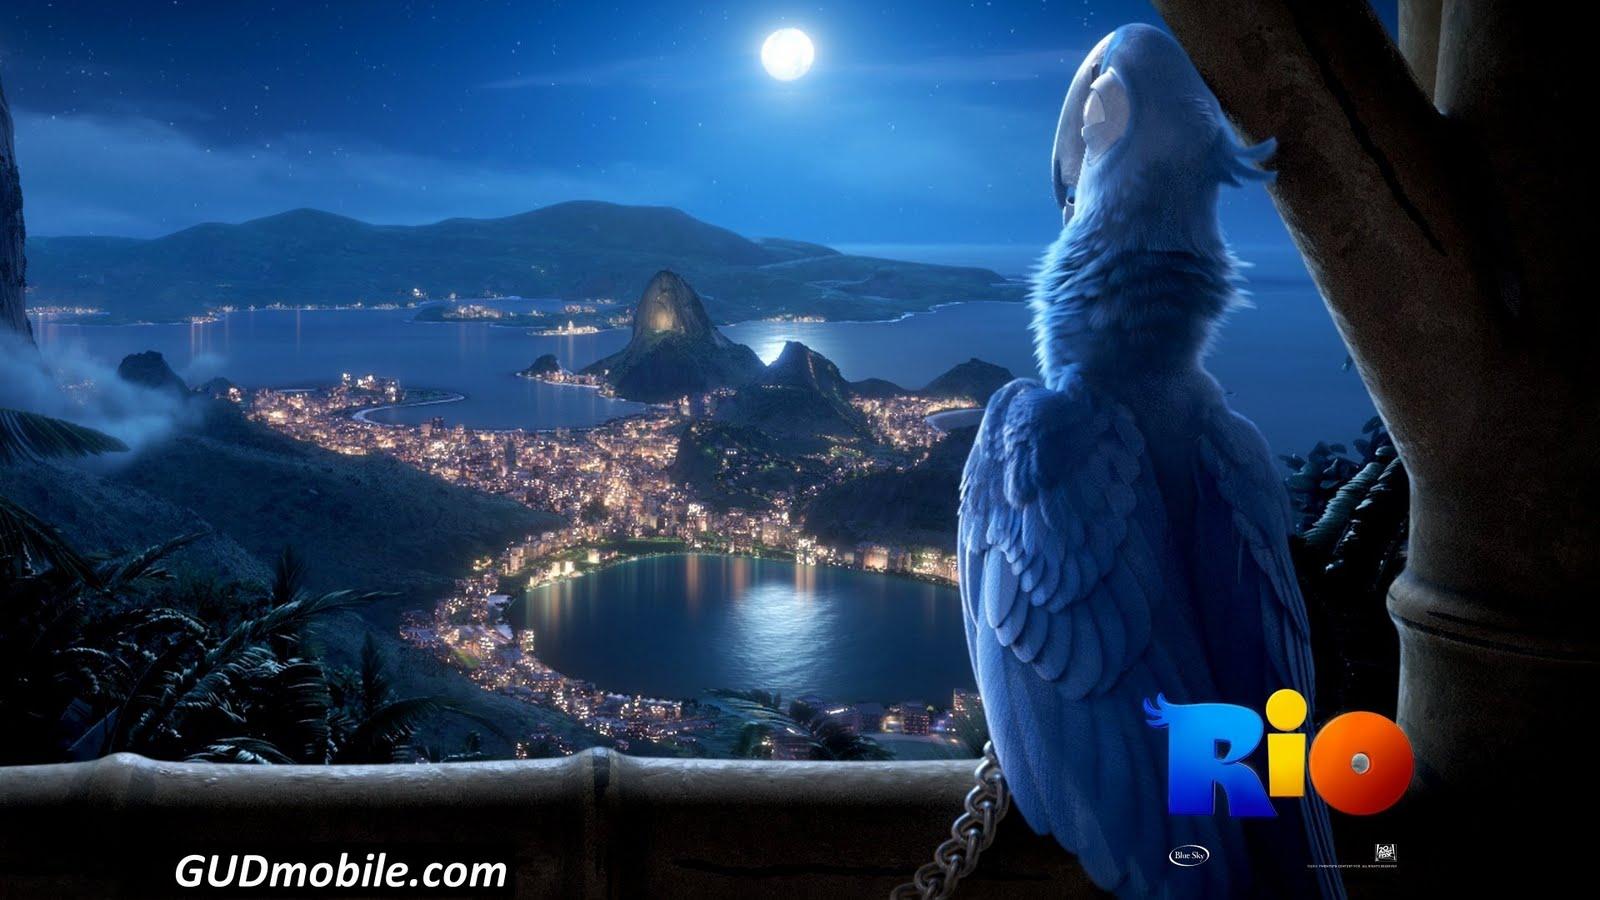 http://1.bp.blogspot.com/-2eCKEAwSydg/Tbi-YUDfM_I/AAAAAAAADKQ/bVyVwqwVhcs/s1600/rio-movie-2011-1920x1080.jpg